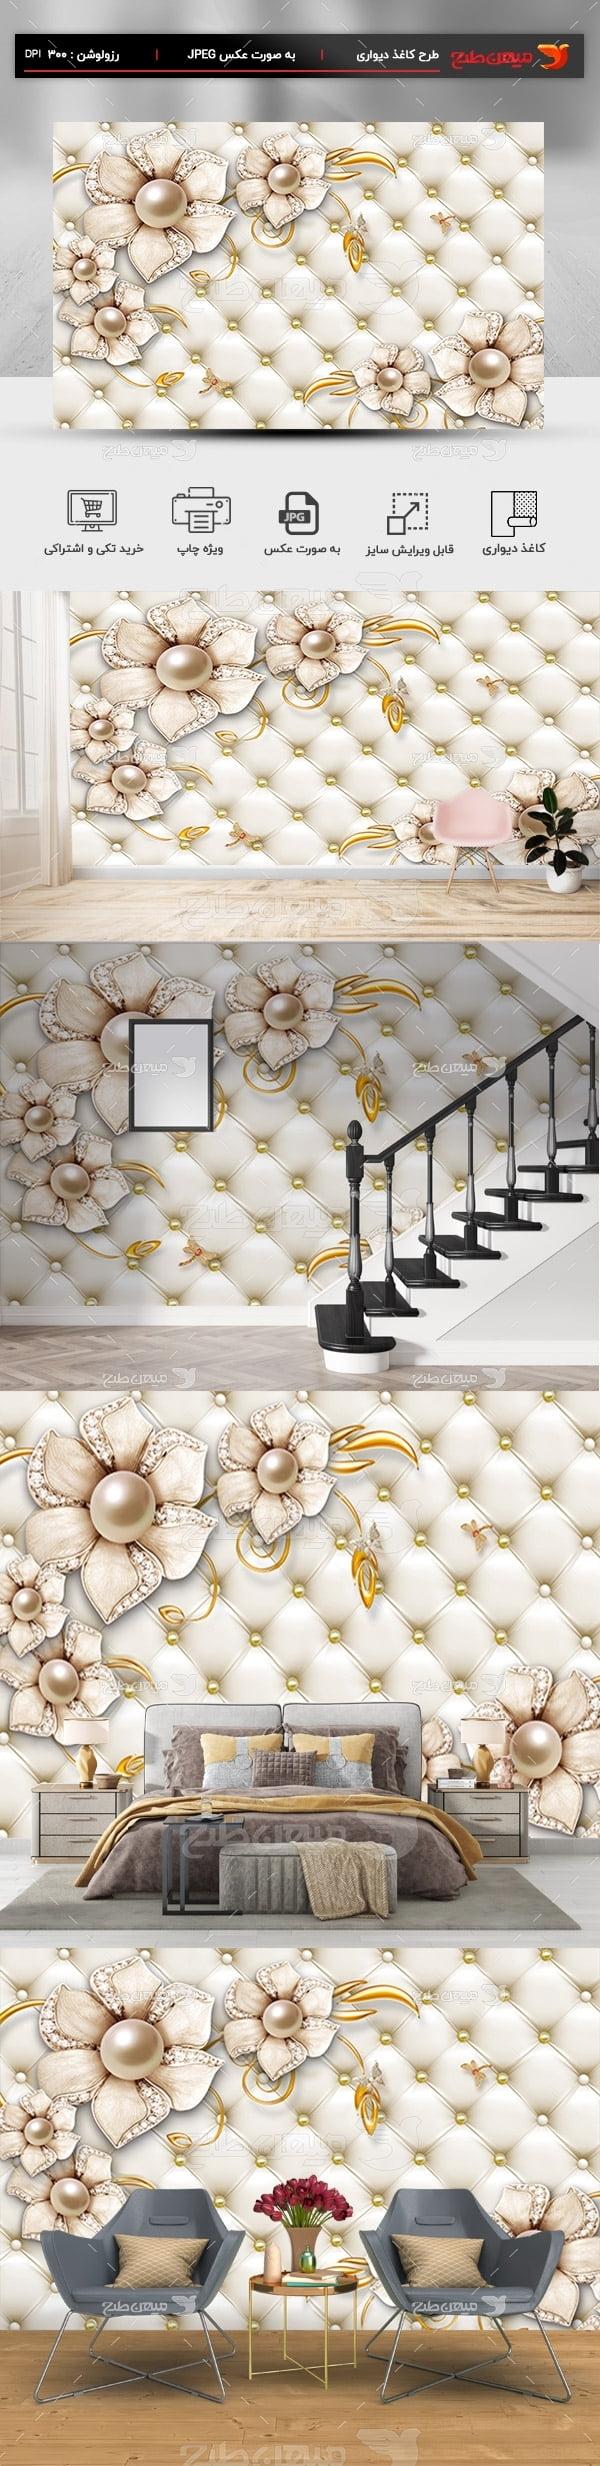 پوستر کاغذ دیواری سه بعدی طرح گل کرم طلایی